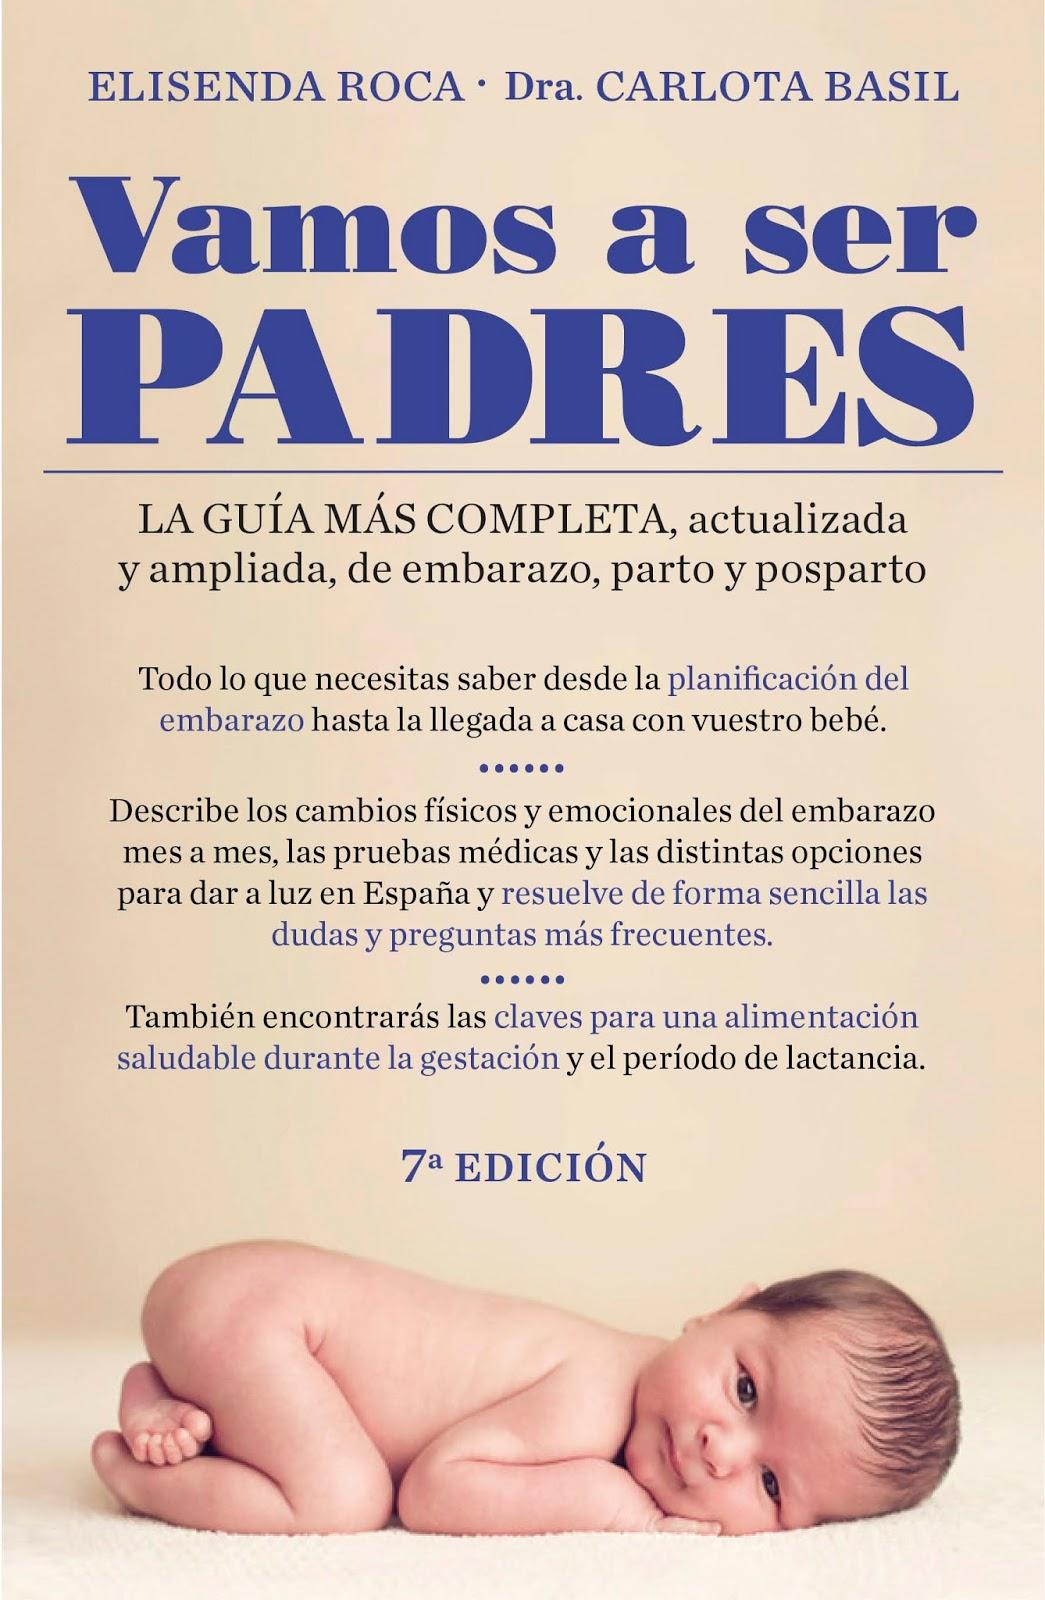 Libros embarazo parto maternidad